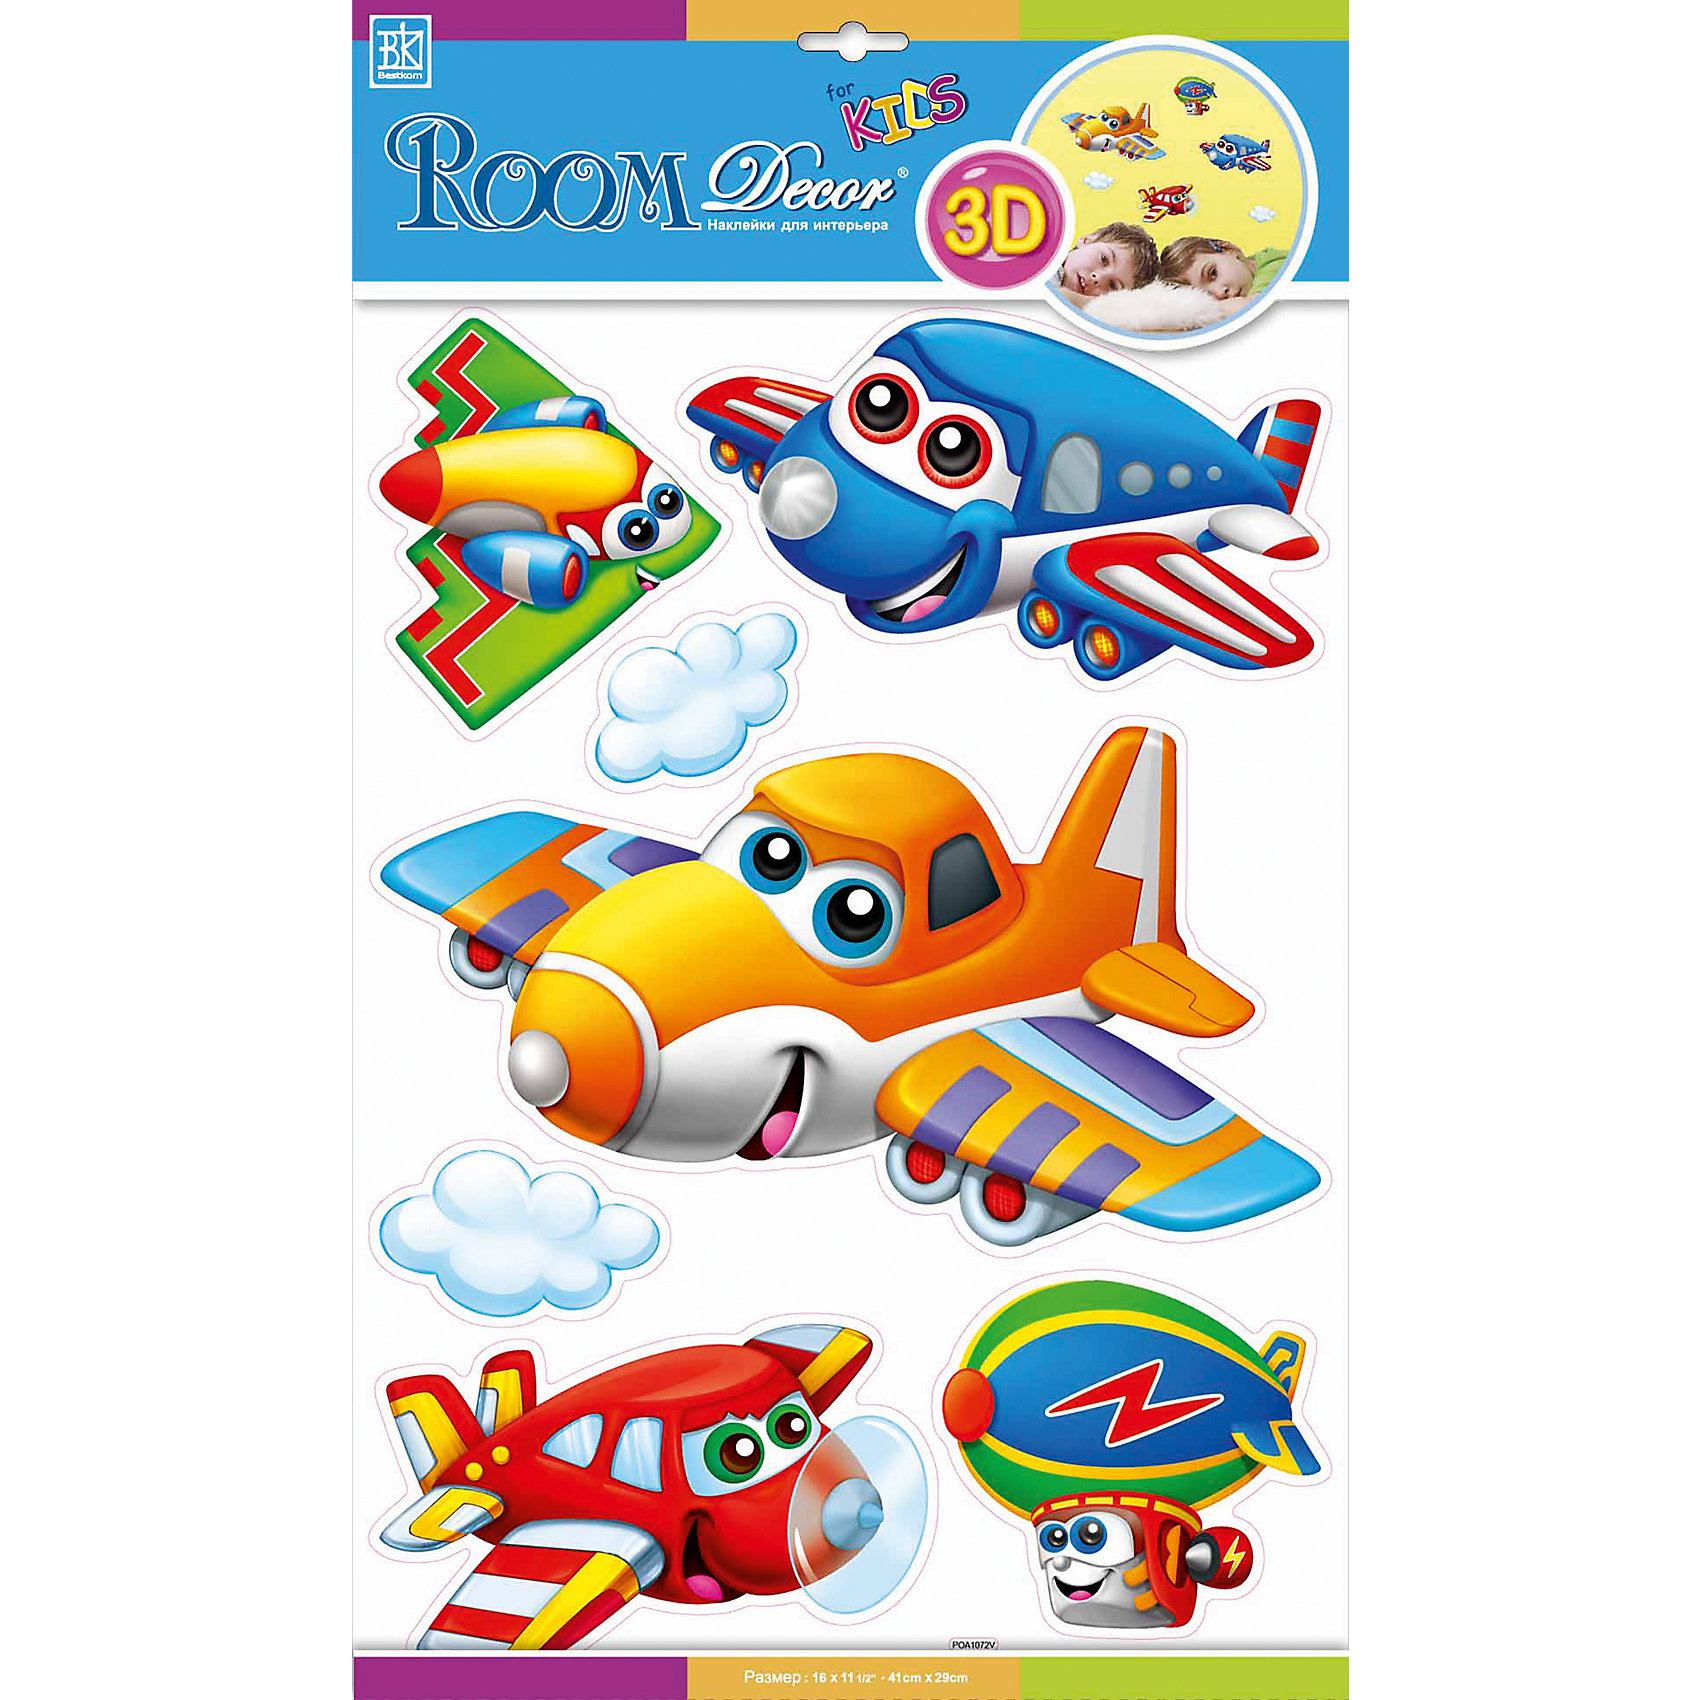 Наклейка Самолетики с глазками №1 POA1072, Room DecorПредметы интерьера<br>Характеристики:<br><br>• Предназначение: декор комнаты, создание творческой зоны в детской комнате<br>• Серия: Детские<br>• Тематика наклеек: самолеты<br>• Материал: картон, ПВХ<br>• Комплектация: 7 элементов<br>• Форма: 3d<br>• Объемные<br>• Клейкая поверхность крепится на окрашенные стены, обои, двери, деревянные панели, стекло<br>• Не повреждают поверхность<br>• Устойчивы к выцветанию и истиранию<br>• Повышенные влагостойкие свойства<br>• Размеры (Д*Ш*В): 30*7*42 см<br>• Вес: 50 г<br>• Упаковка: блистер<br><br>Все наклейки выполнены из безопасного и нетоксичного материала – ПВХ. Прочная клеевая основа обеспечивает надежное прикрепление практически к любому виду горизонтальной или вертикальной поверхности, при этом не деформируя и не повреждая ее. Наклейки обладают влагоустойчивыми свойствами, поэтому они хорошо переносят влажную уборку. <br><br>Наклейка Самолетики с глазками №1 POA1072, Room Decor состоит из набора, в который входят 7 элементов с изображением веселых и ярких самолетиков. Набор выполнен в объемном формате, что придает всей композиции 3d эффект. <br><br>Наклейку Самолетики с глазками №1 POA1072, Room Decor можно купить в нашем интернет-магазине.<br><br>Ширина мм: 300<br>Глубина мм: 70<br>Высота мм: 420<br>Вес г: 50<br>Возраст от месяцев: 36<br>Возраст до месяцев: 168<br>Пол: Мужской<br>Возраст: Детский<br>SKU: 5513005